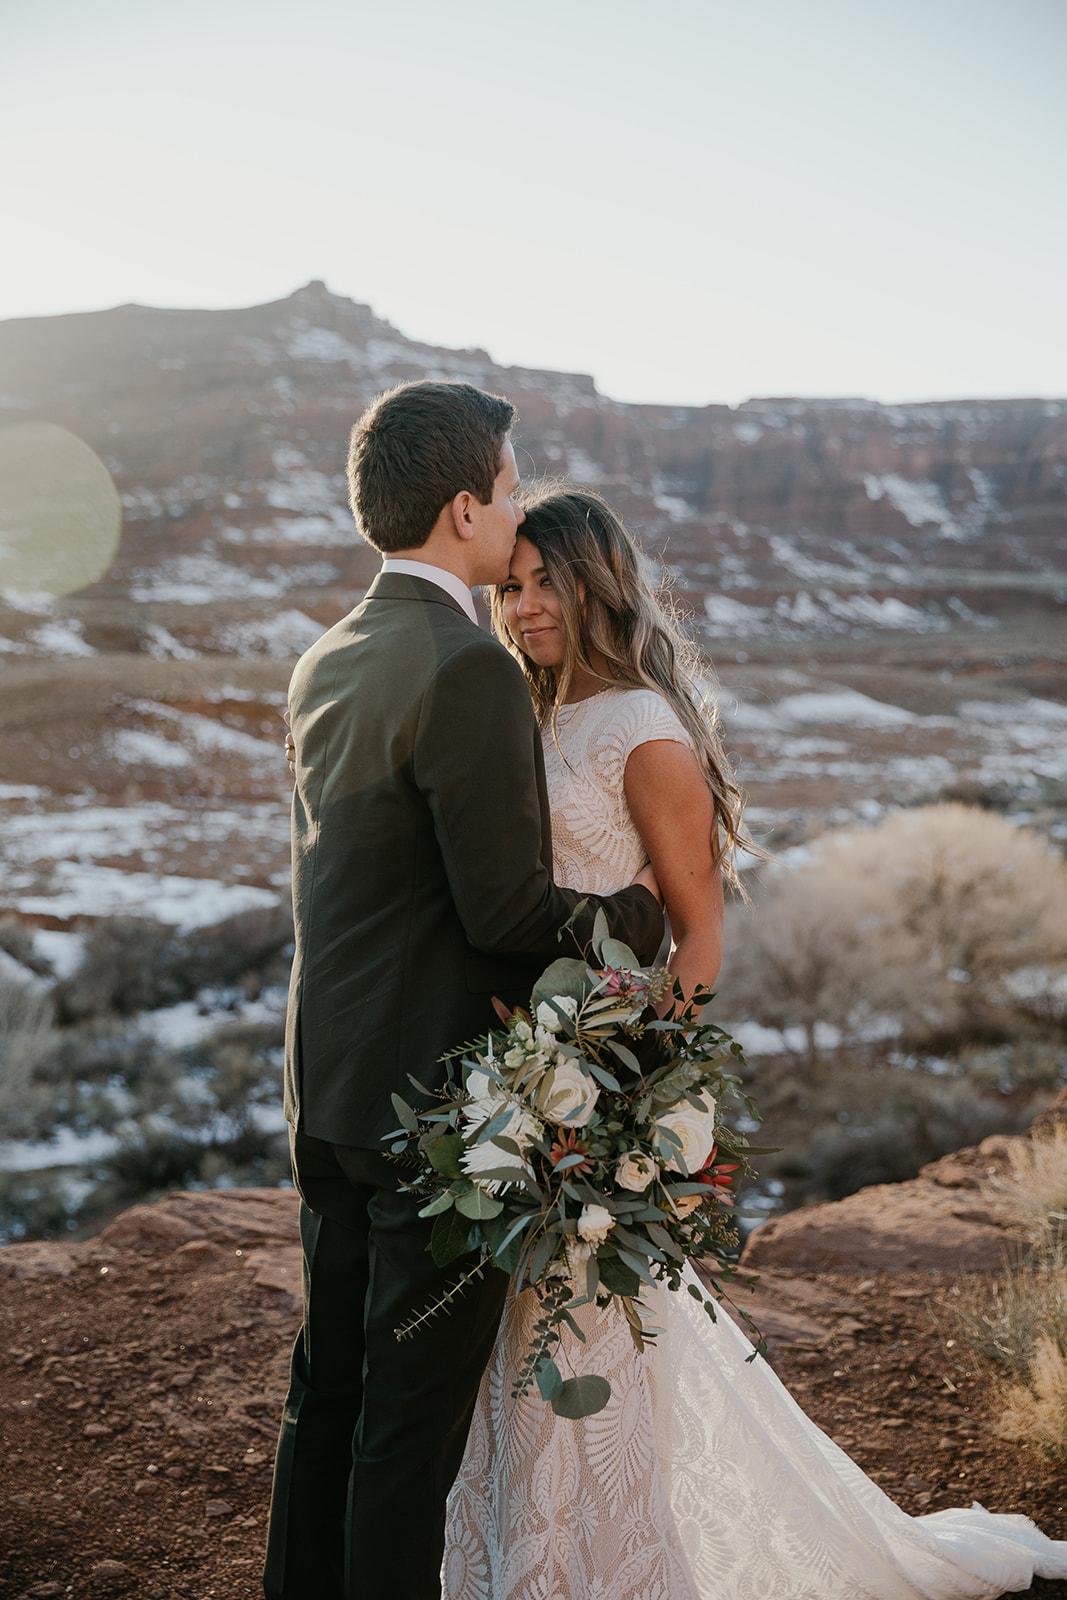 jamie+weston bridals-124.jpg